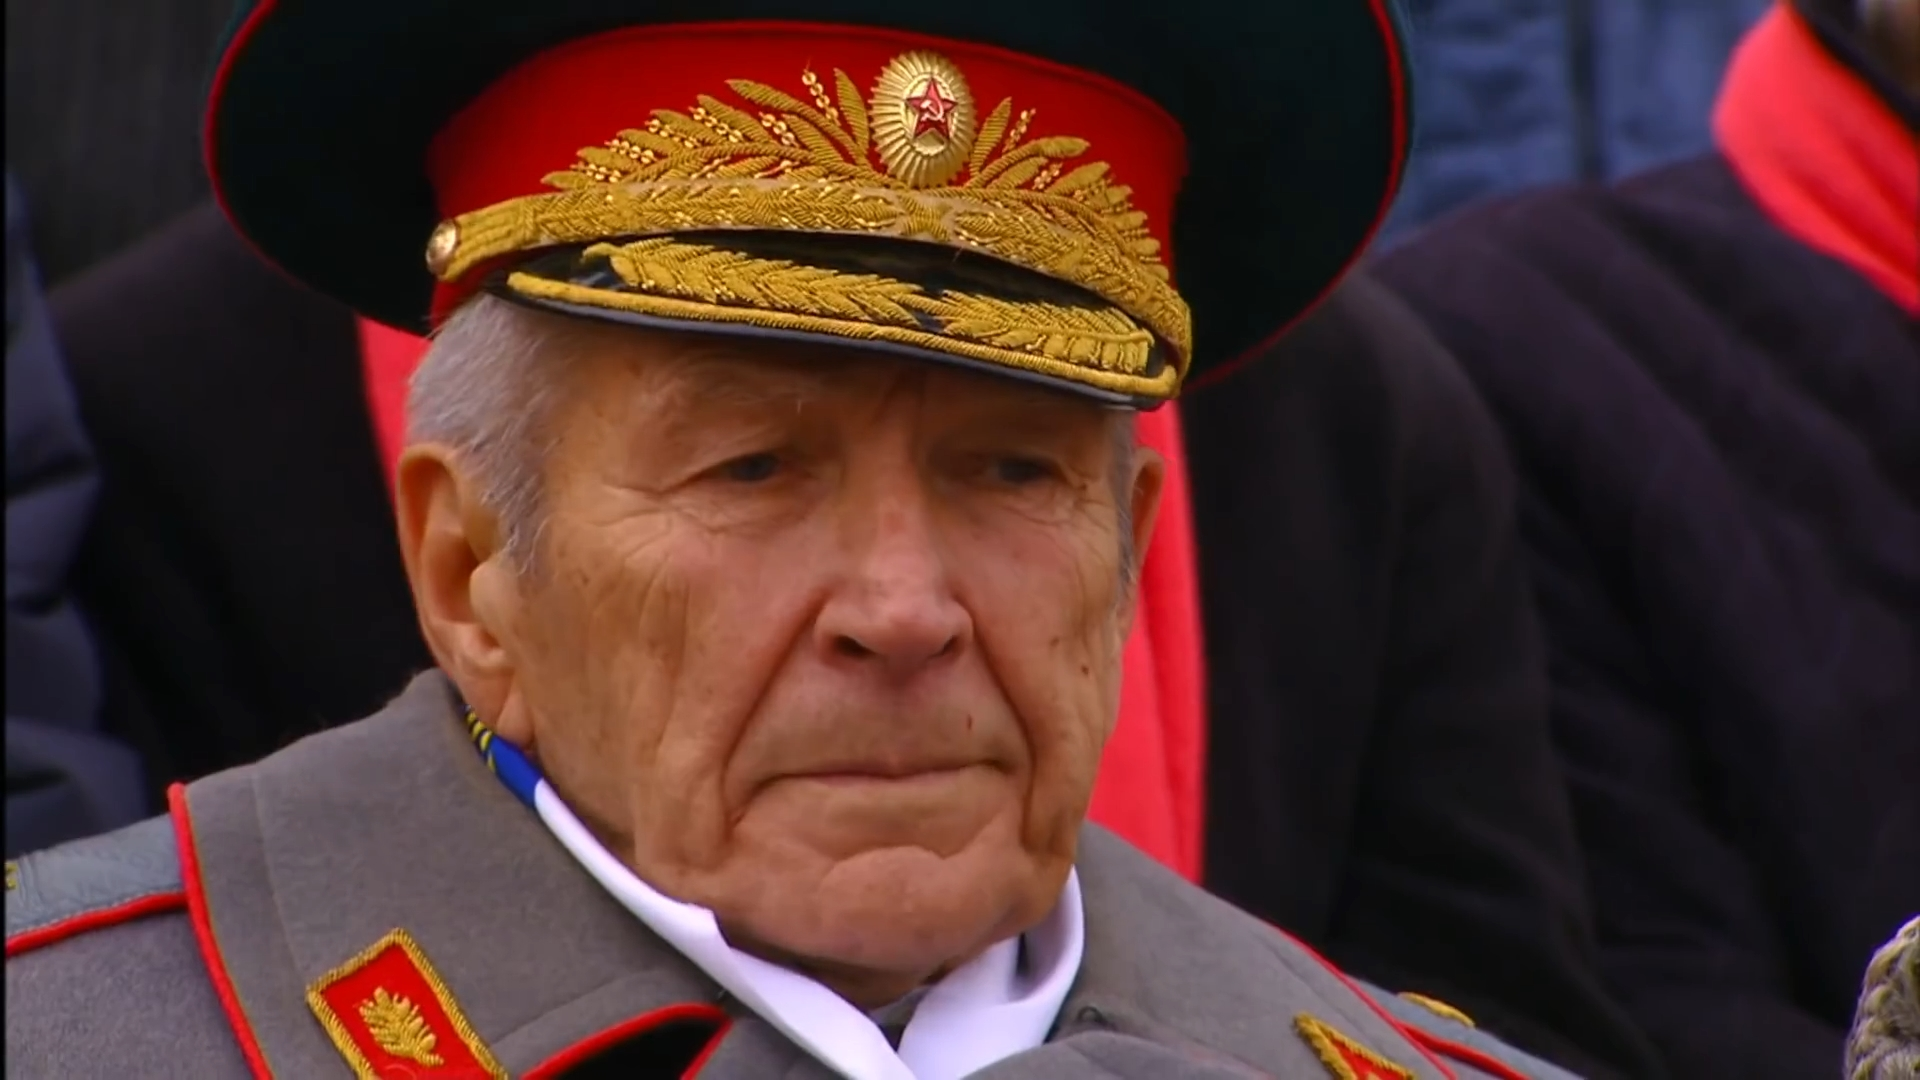 65-Марш в честь годовщины парада на Красной площади 1941-го года в Москве. Прямая трансляция